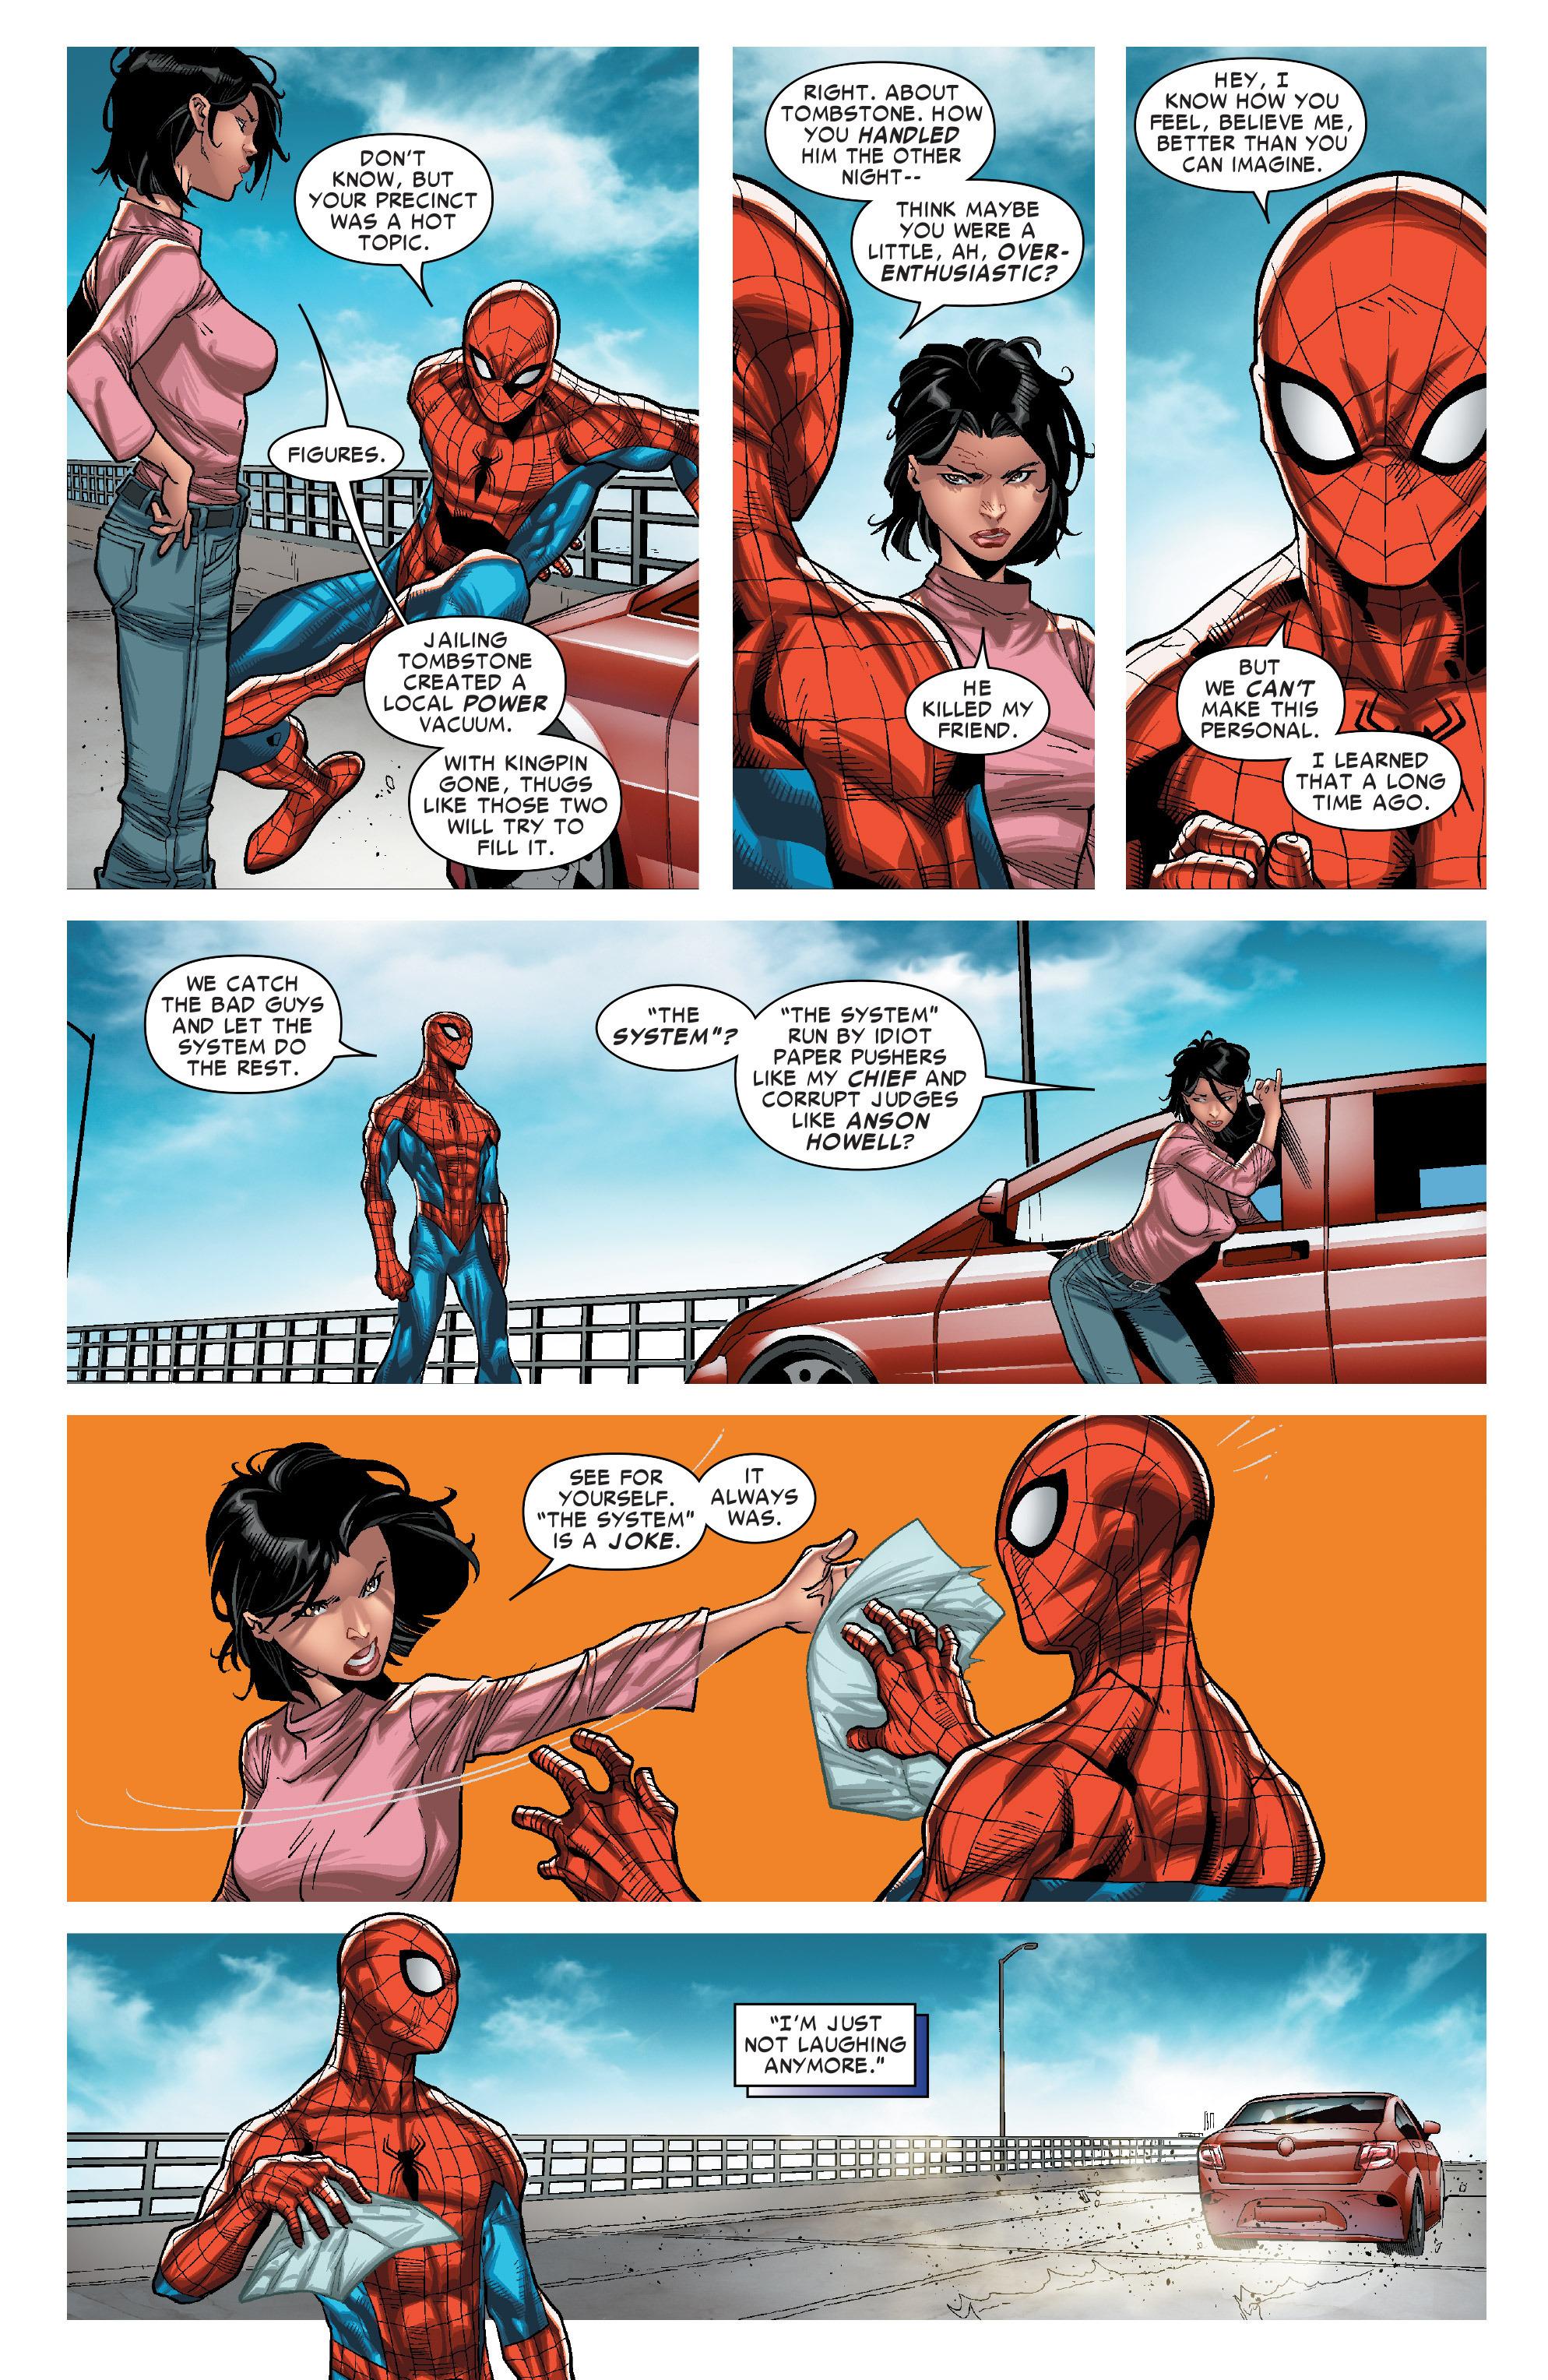 AmazingSpider-Man#17.1--p8